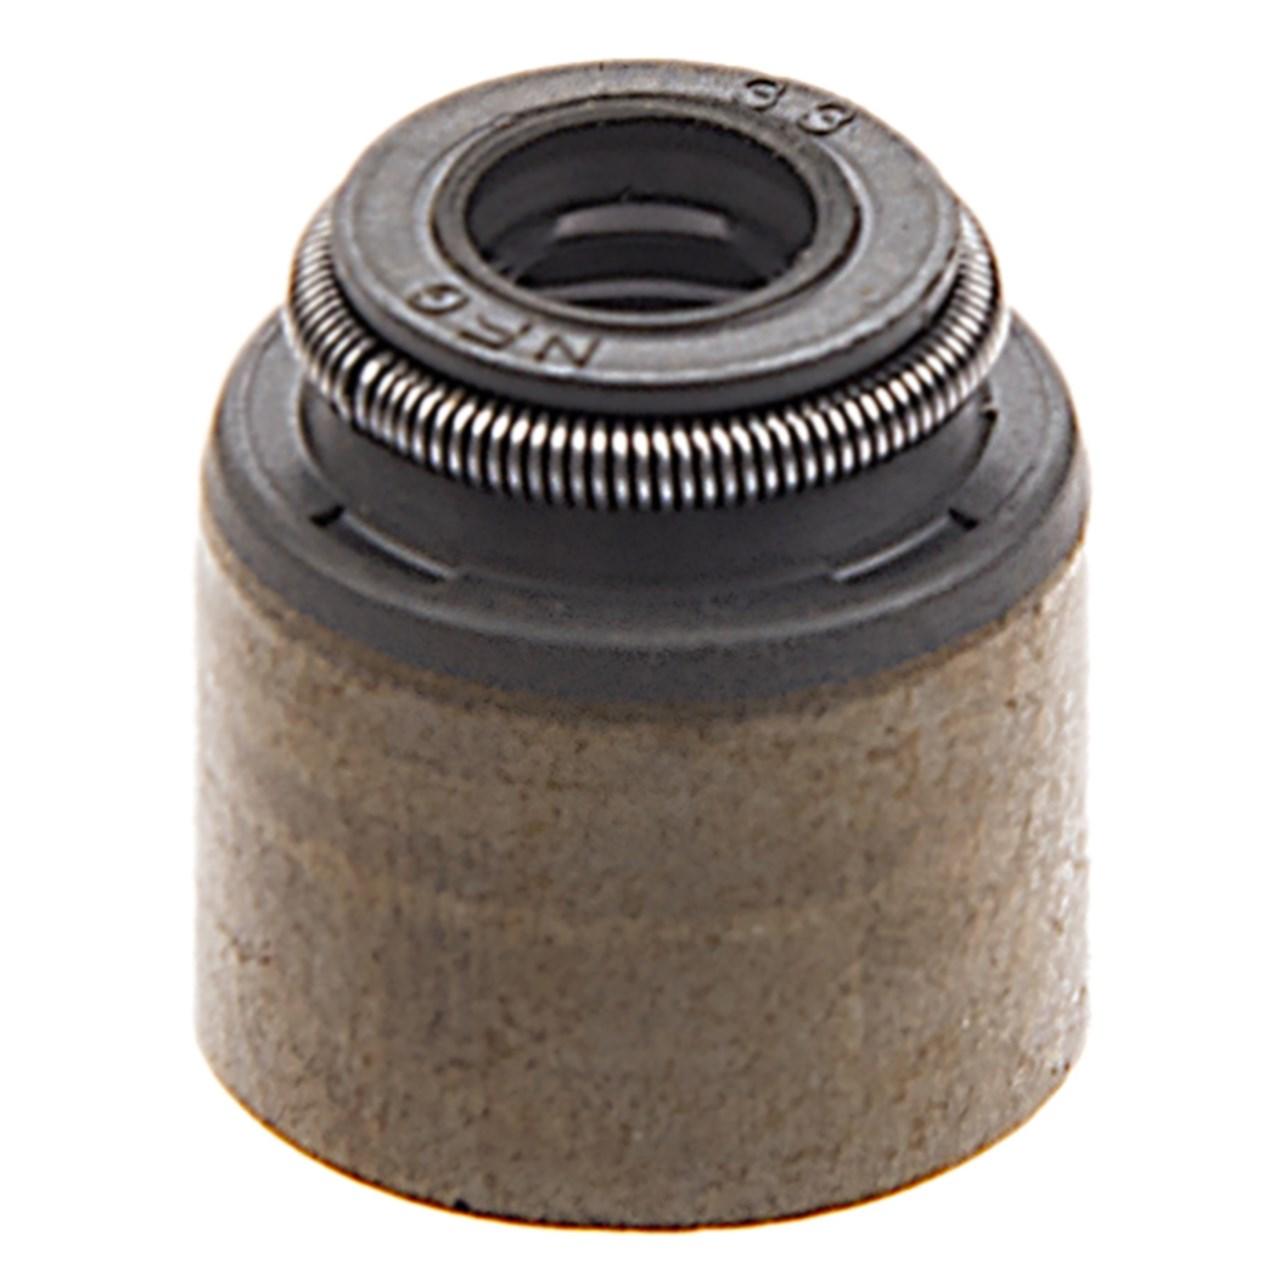 کاسه نمد سوپاپ هوا مدل 1003018GG010 مناسب برای خودروهای جک J5